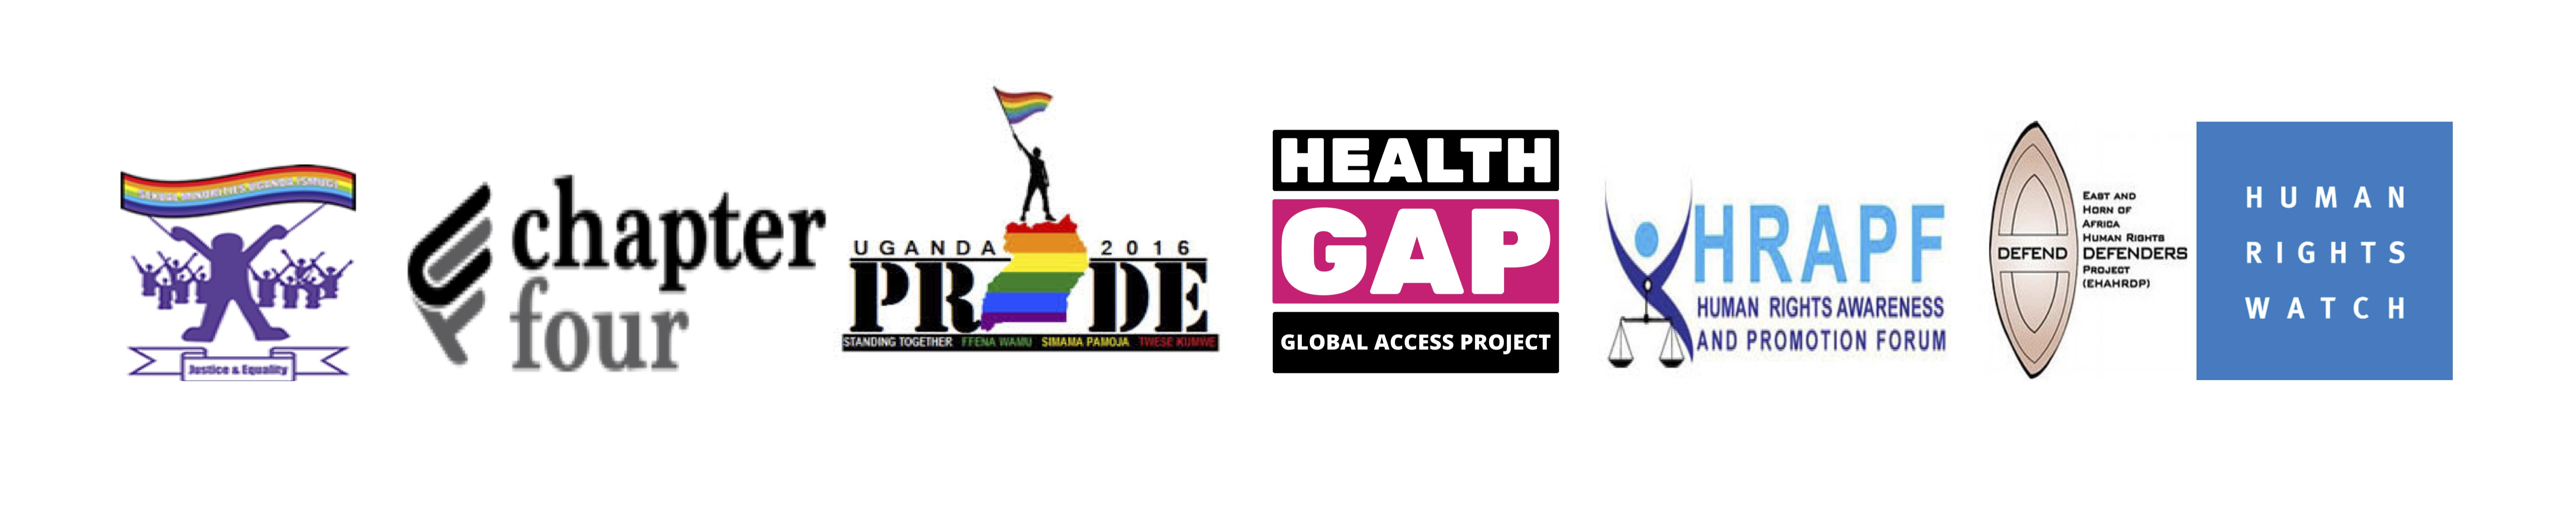 Uganda_Pride_Solidarity_Logos.png